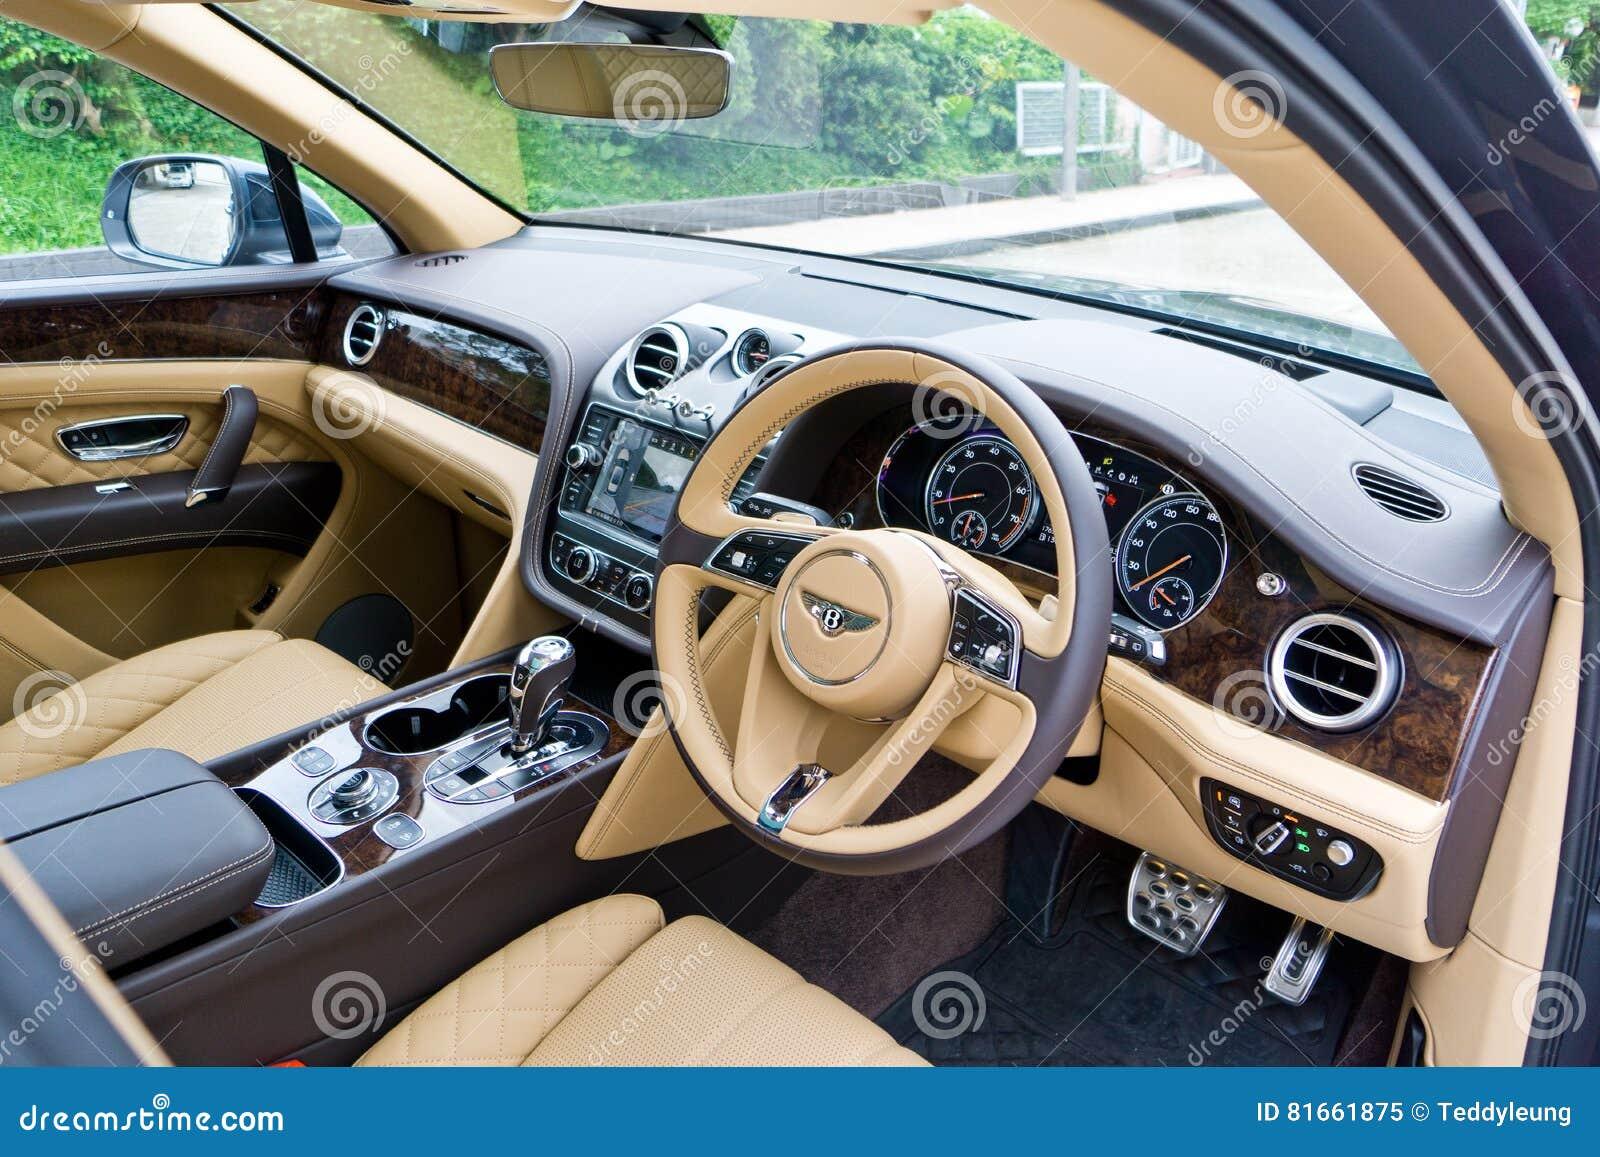 Bentley Bentayga W12 Interior Editorial Image Image Of Sport Automobile 81661875